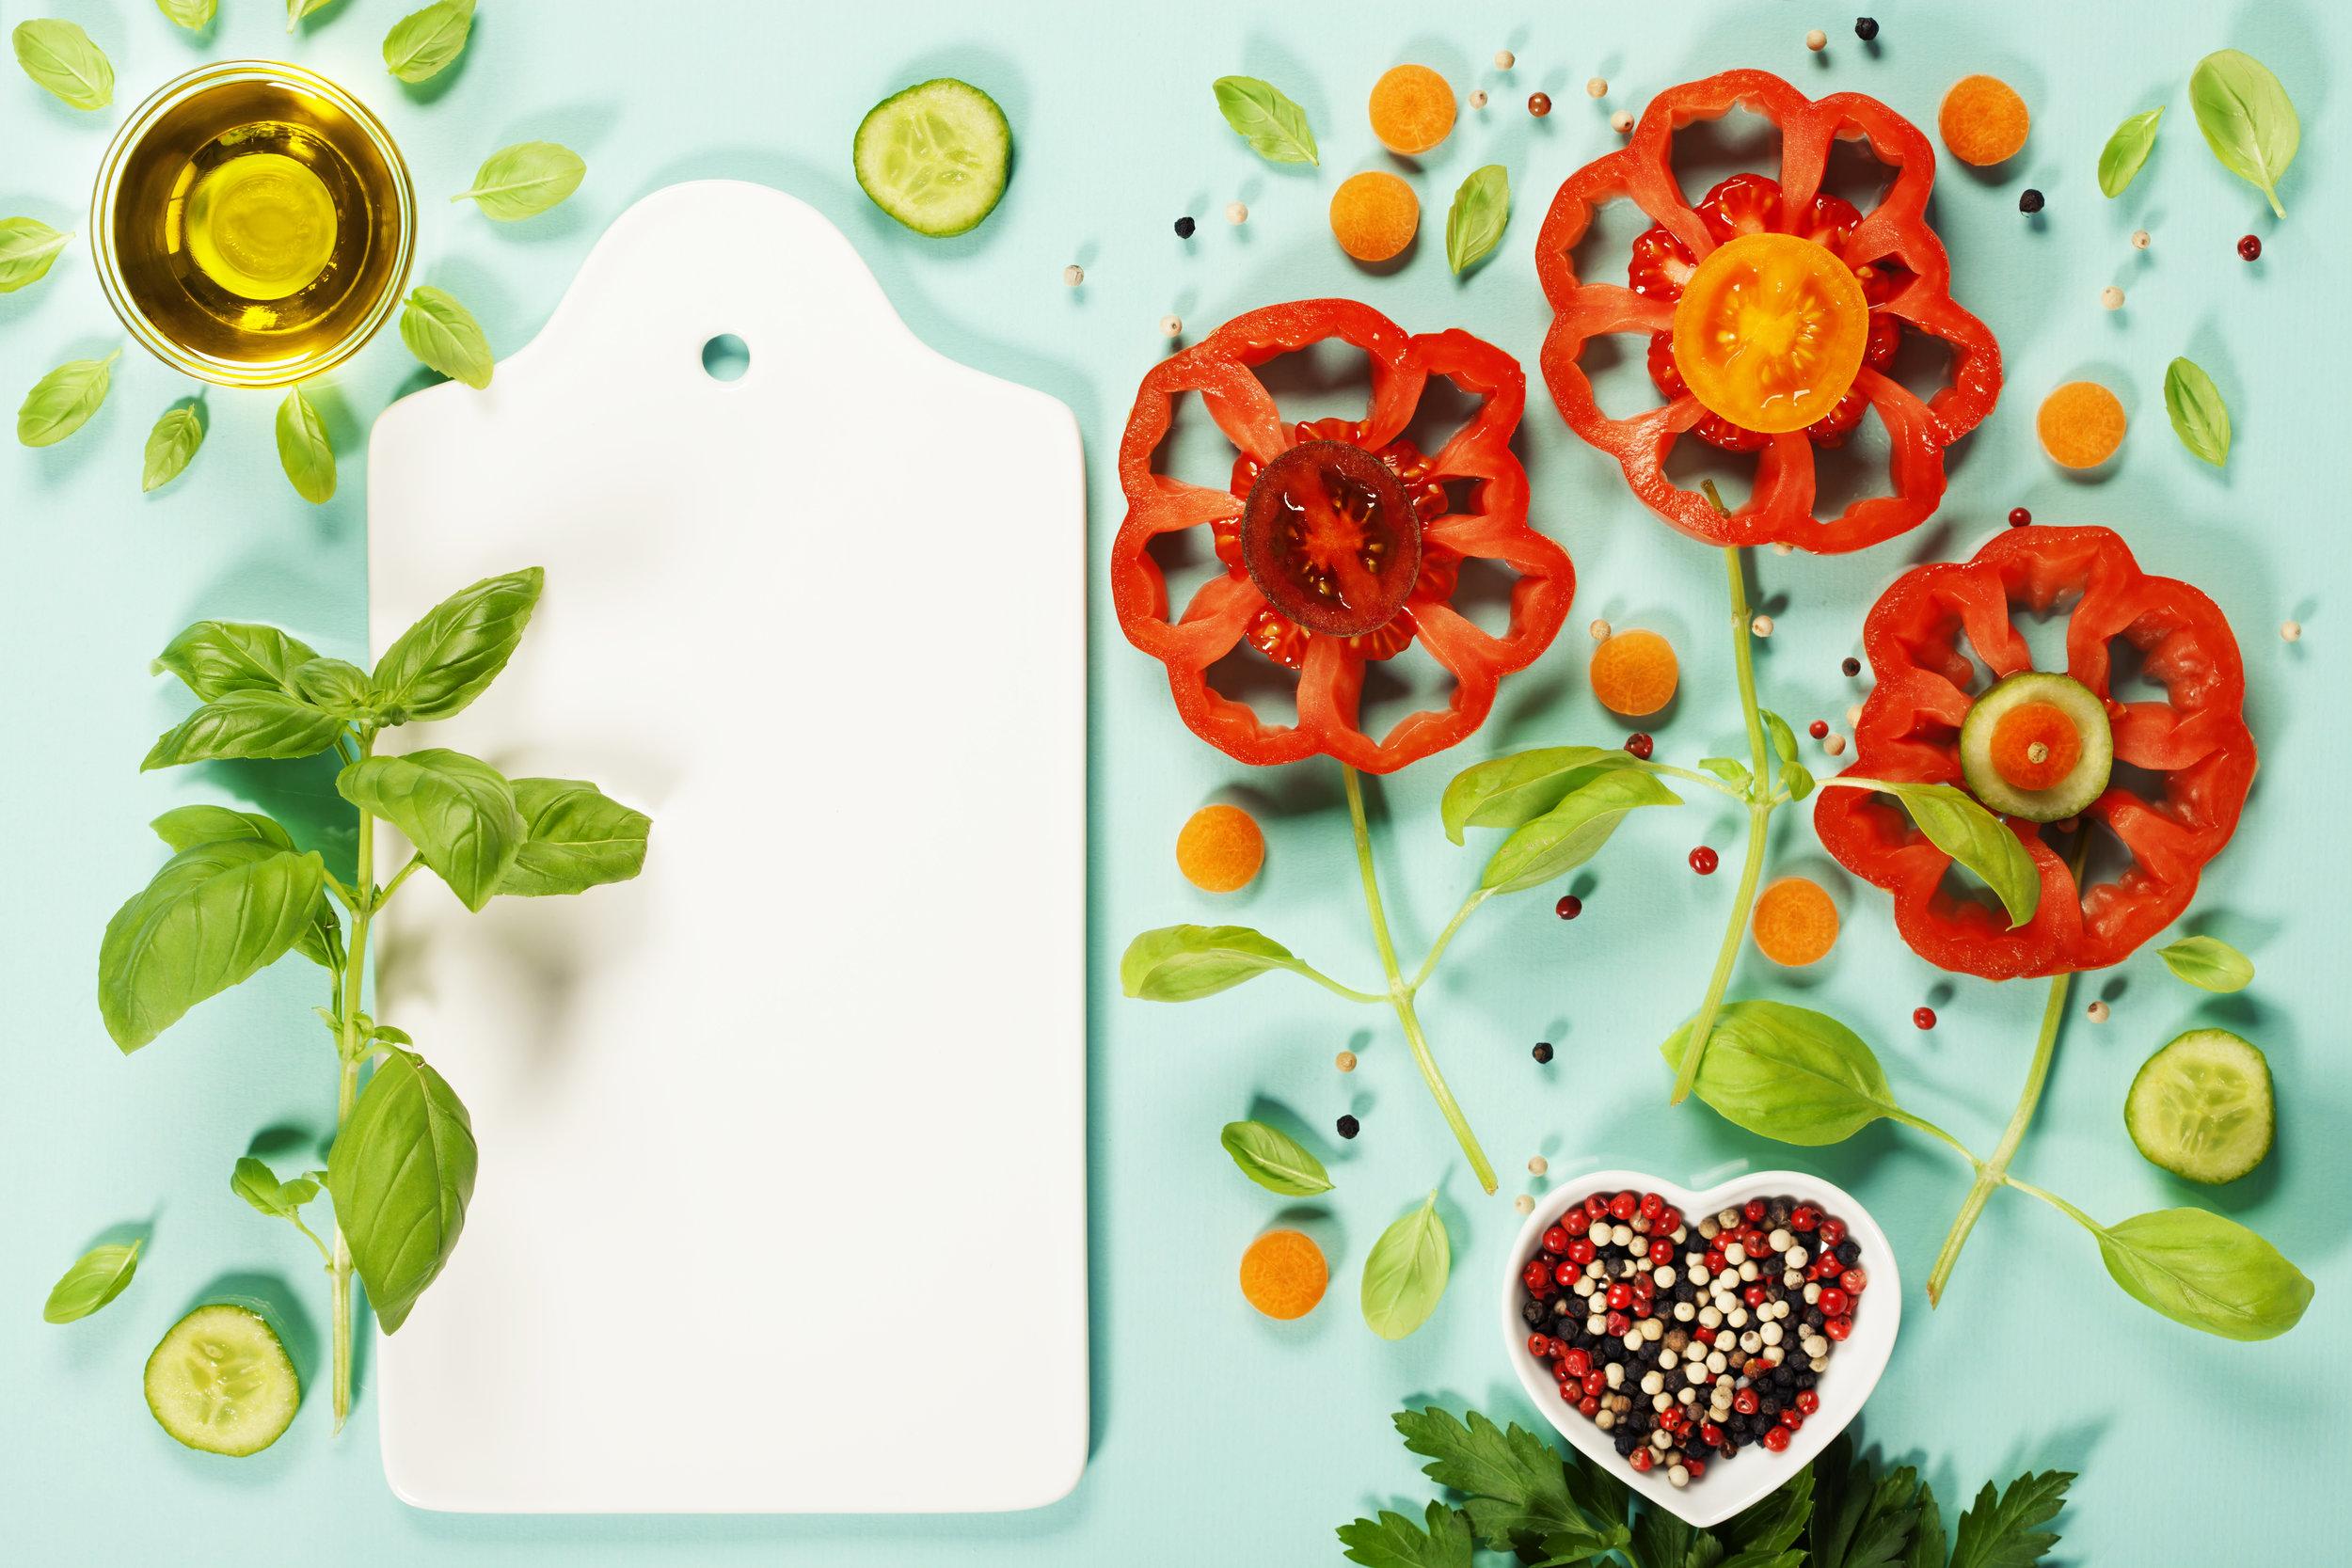 cute-flowers-made-of-fresh-organic-vegetables-PGKNUEE.jpg